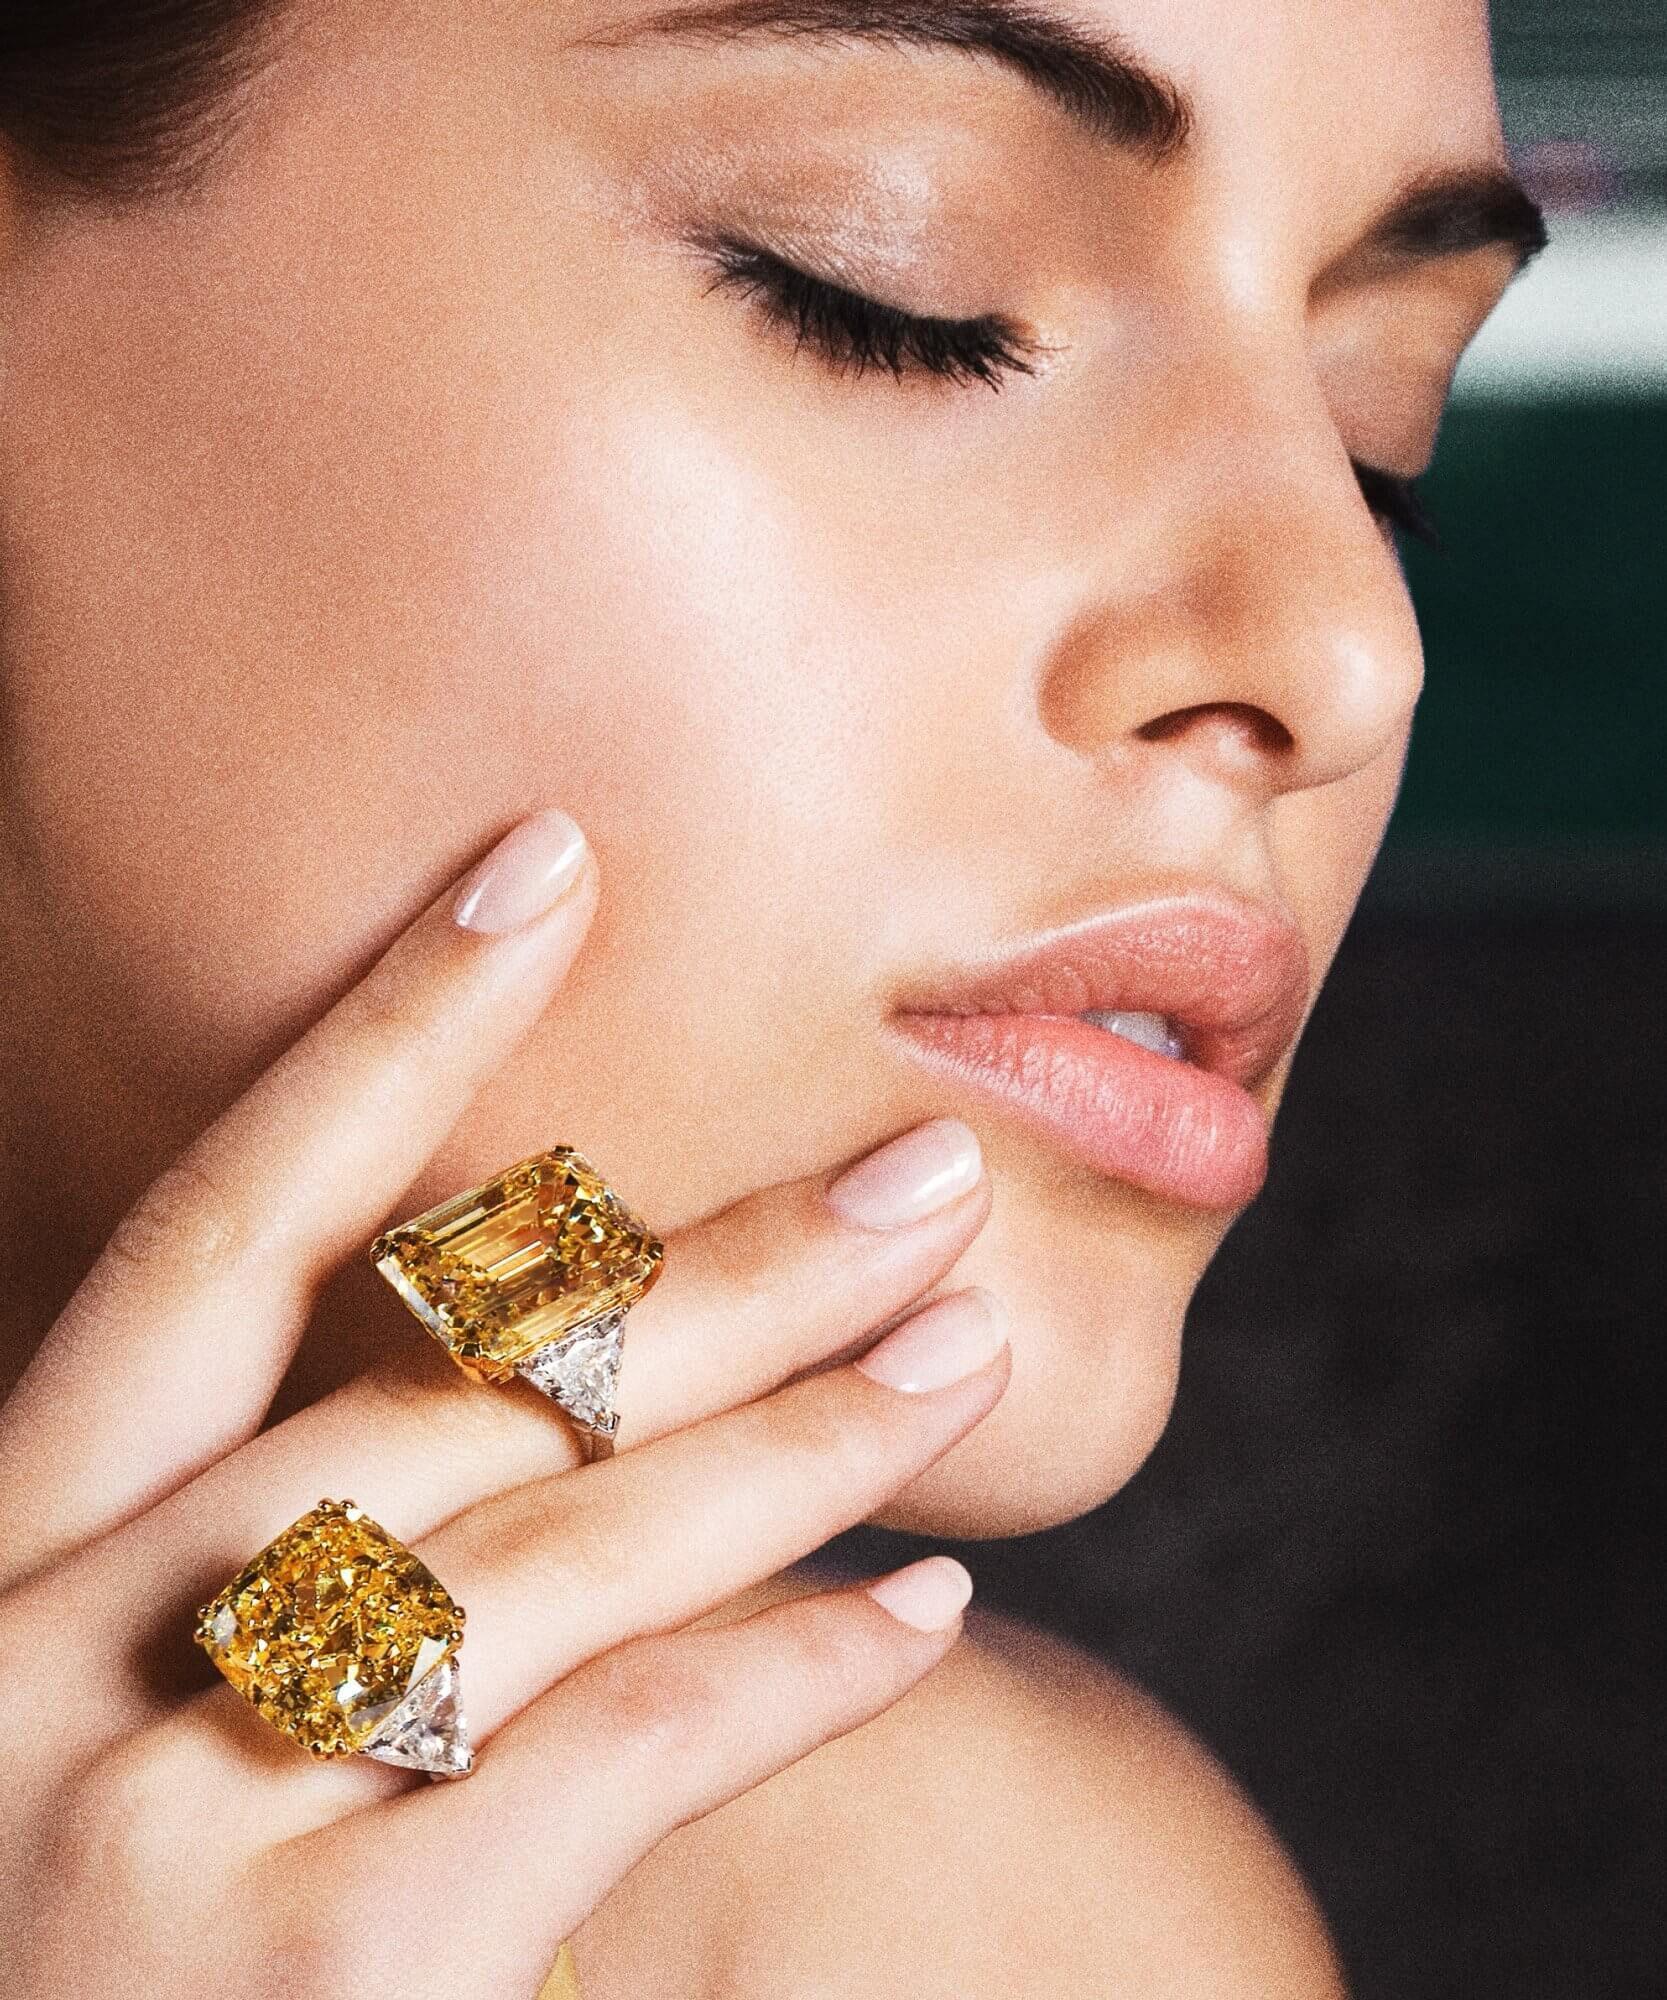 Model wears two yellow diamond rings by Graff